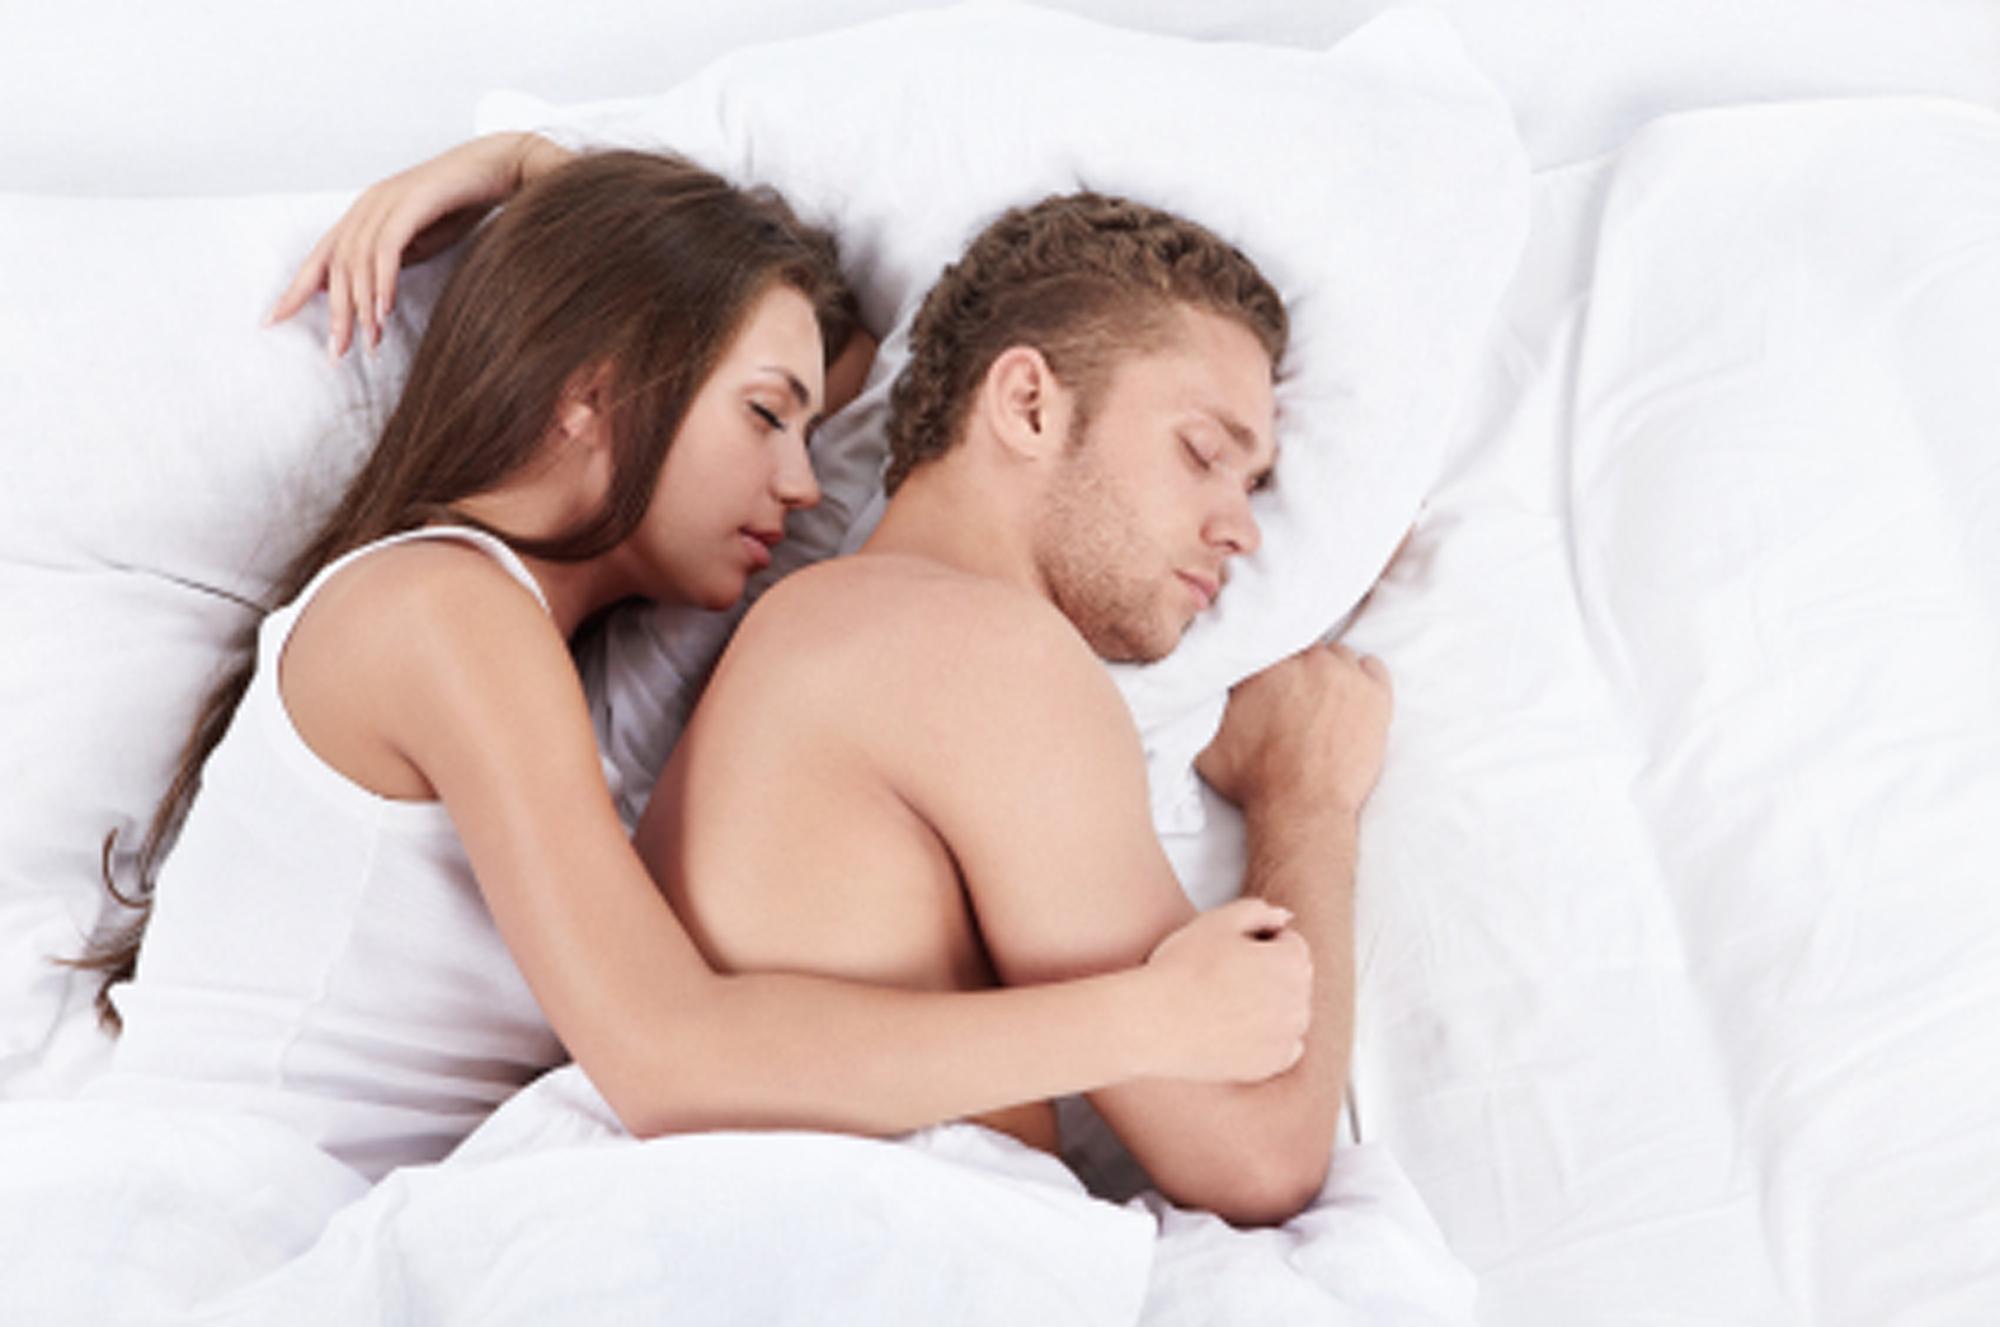 лежать в знакомым сон постели мужчиной со